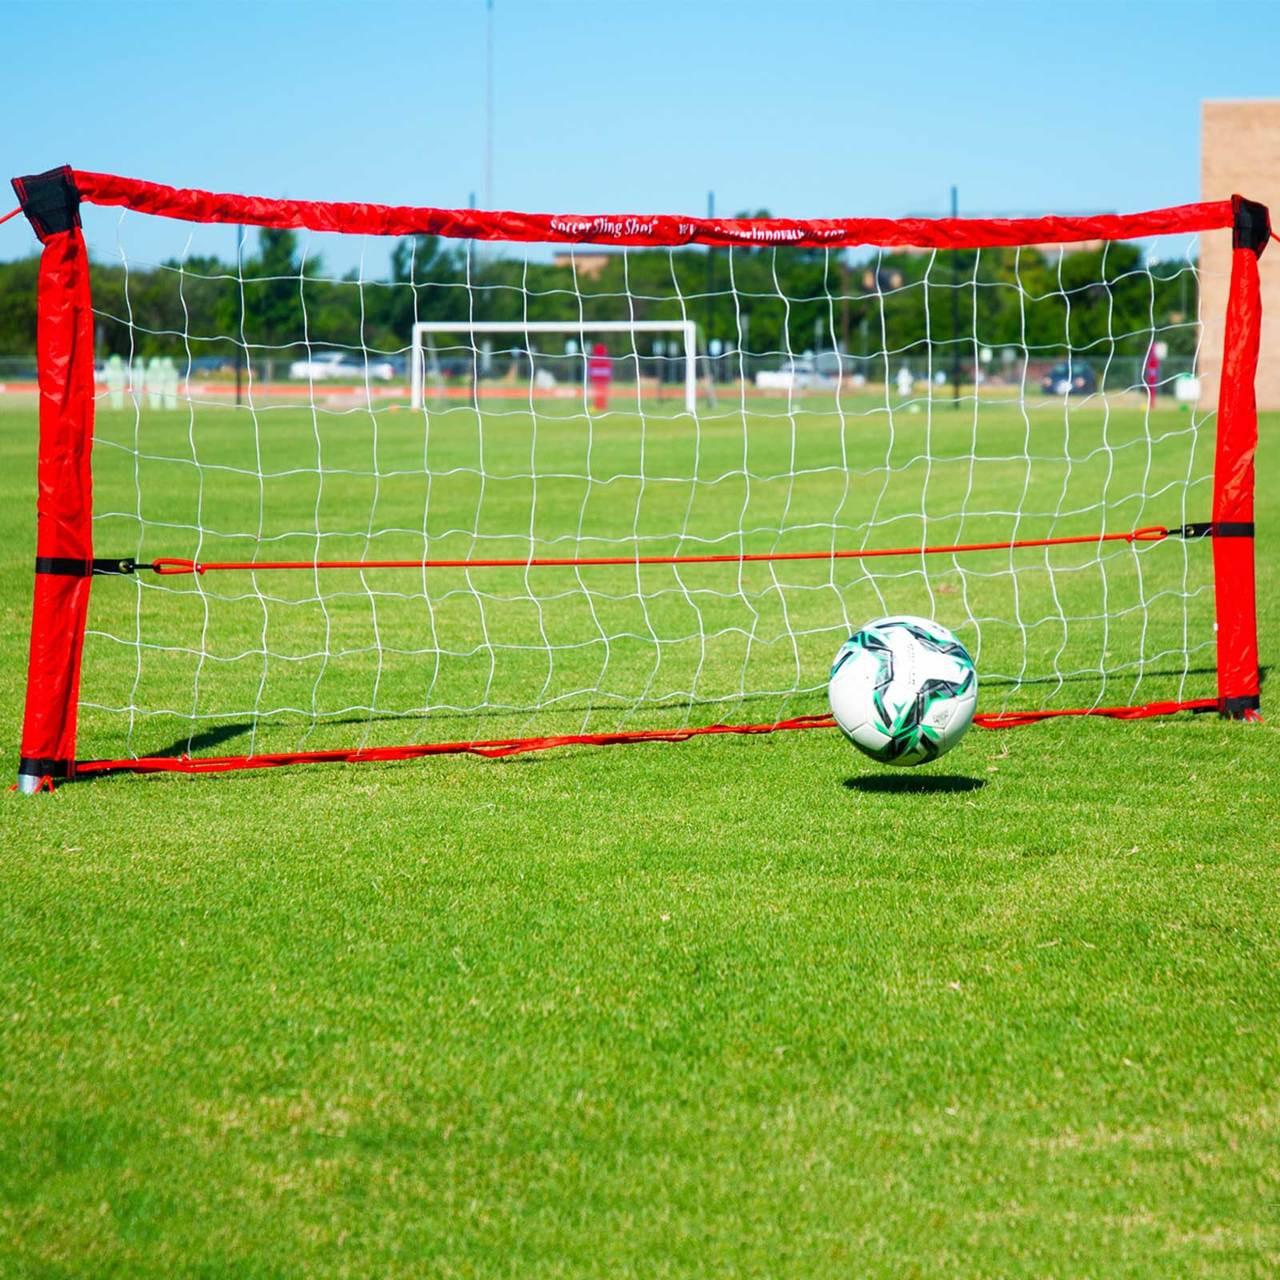 dea7d9be6 Soccer Sling shot Rebounder | Soccer Training Equipment Rebounders ...